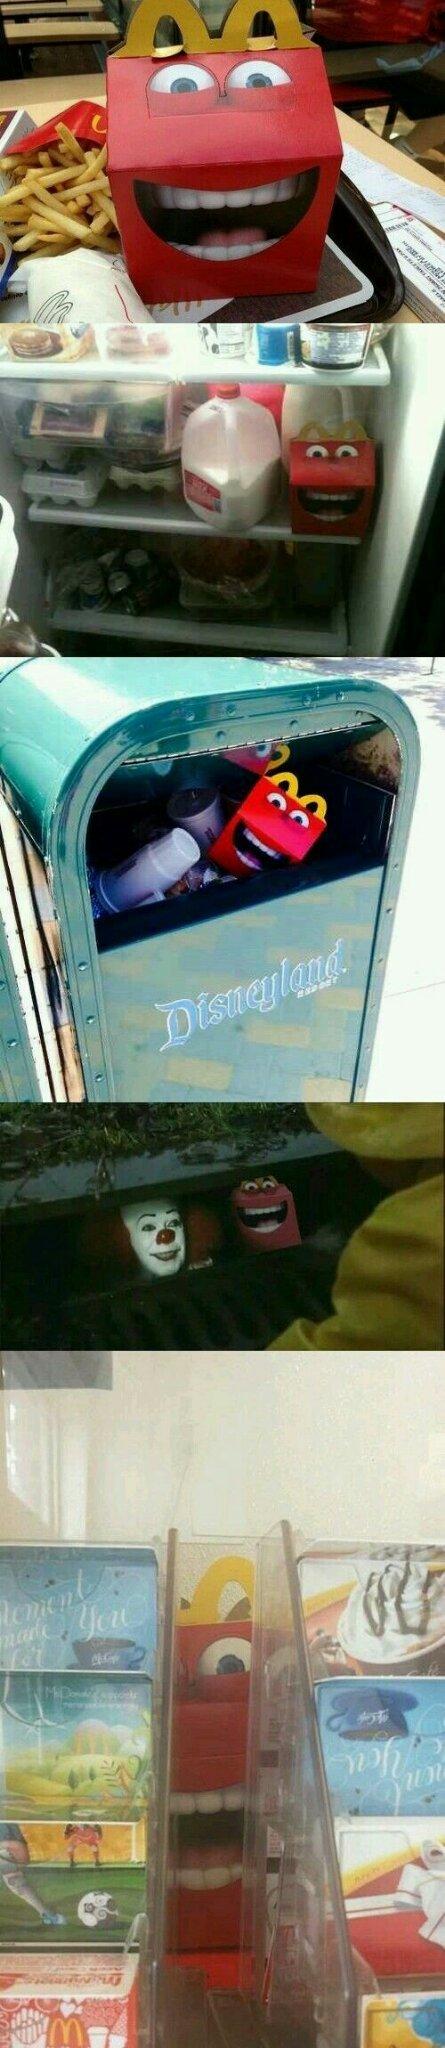 Da totalmente miedo - meme